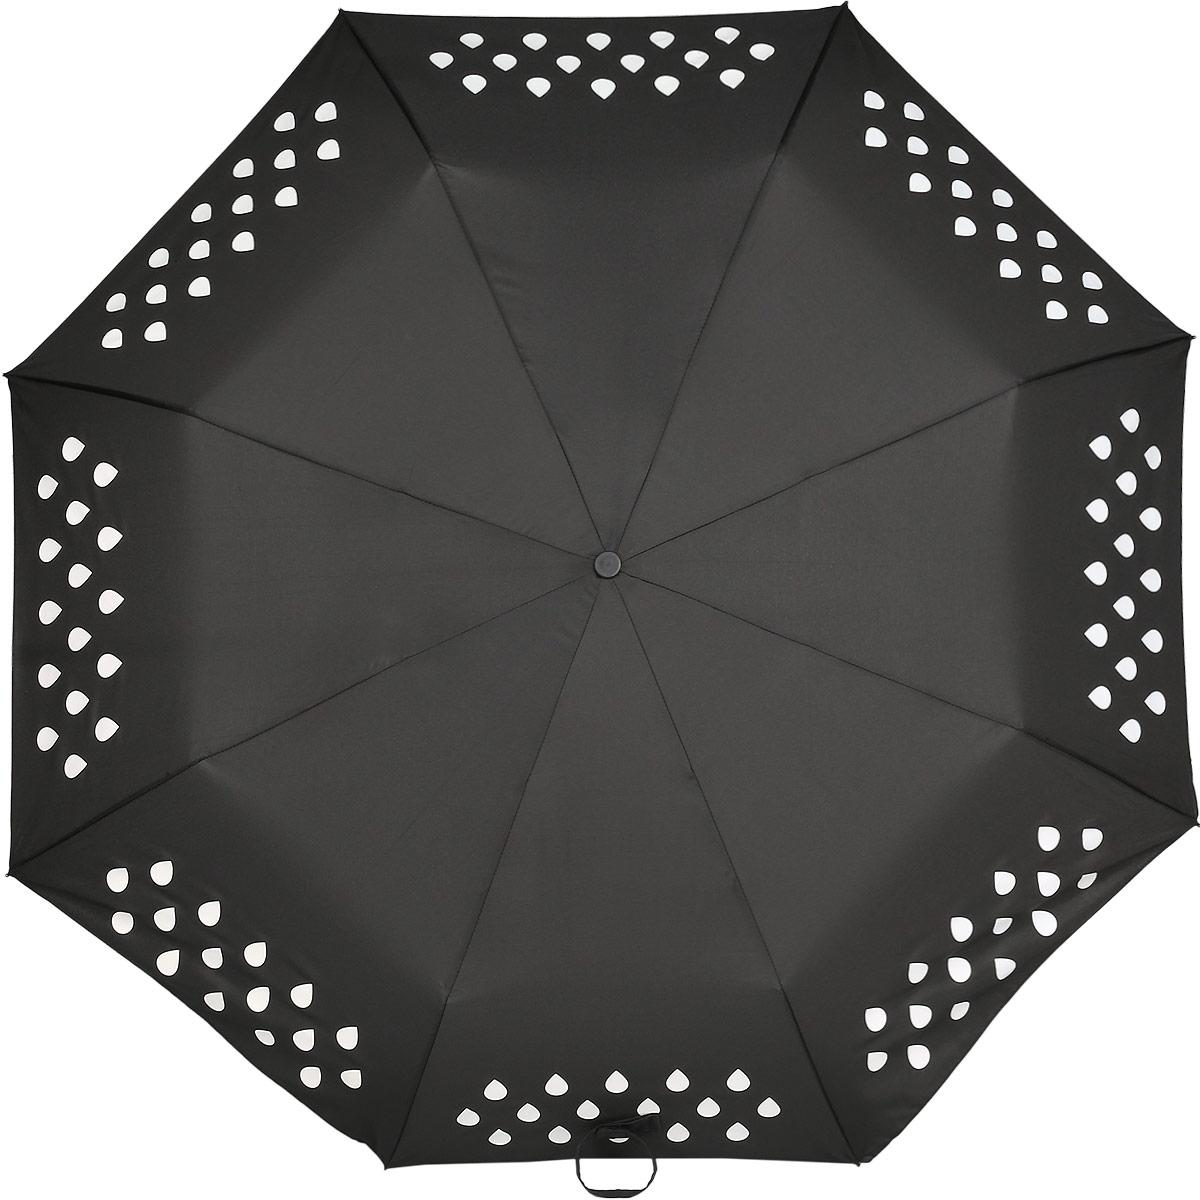 Зонт Reflective Suck UK, механический, 3 сложения, цвет: черный. SK UMBRELLA2REM12-CAM-GREENBLACKСтильный механический зонт Reflective Suck UK в 3 сложения с надежным куполом защит вас в ненастную погоду. Каркас зонта выполнен из 8 металлических спиц, оснащен удобной рукояткой из алюминия, которая дополнена петлей. При намокании зонта орнамент на поверхности купола меняет цвет.Купол зонта выполнен из прочного полиэстера.К зонту прилагается чехол.